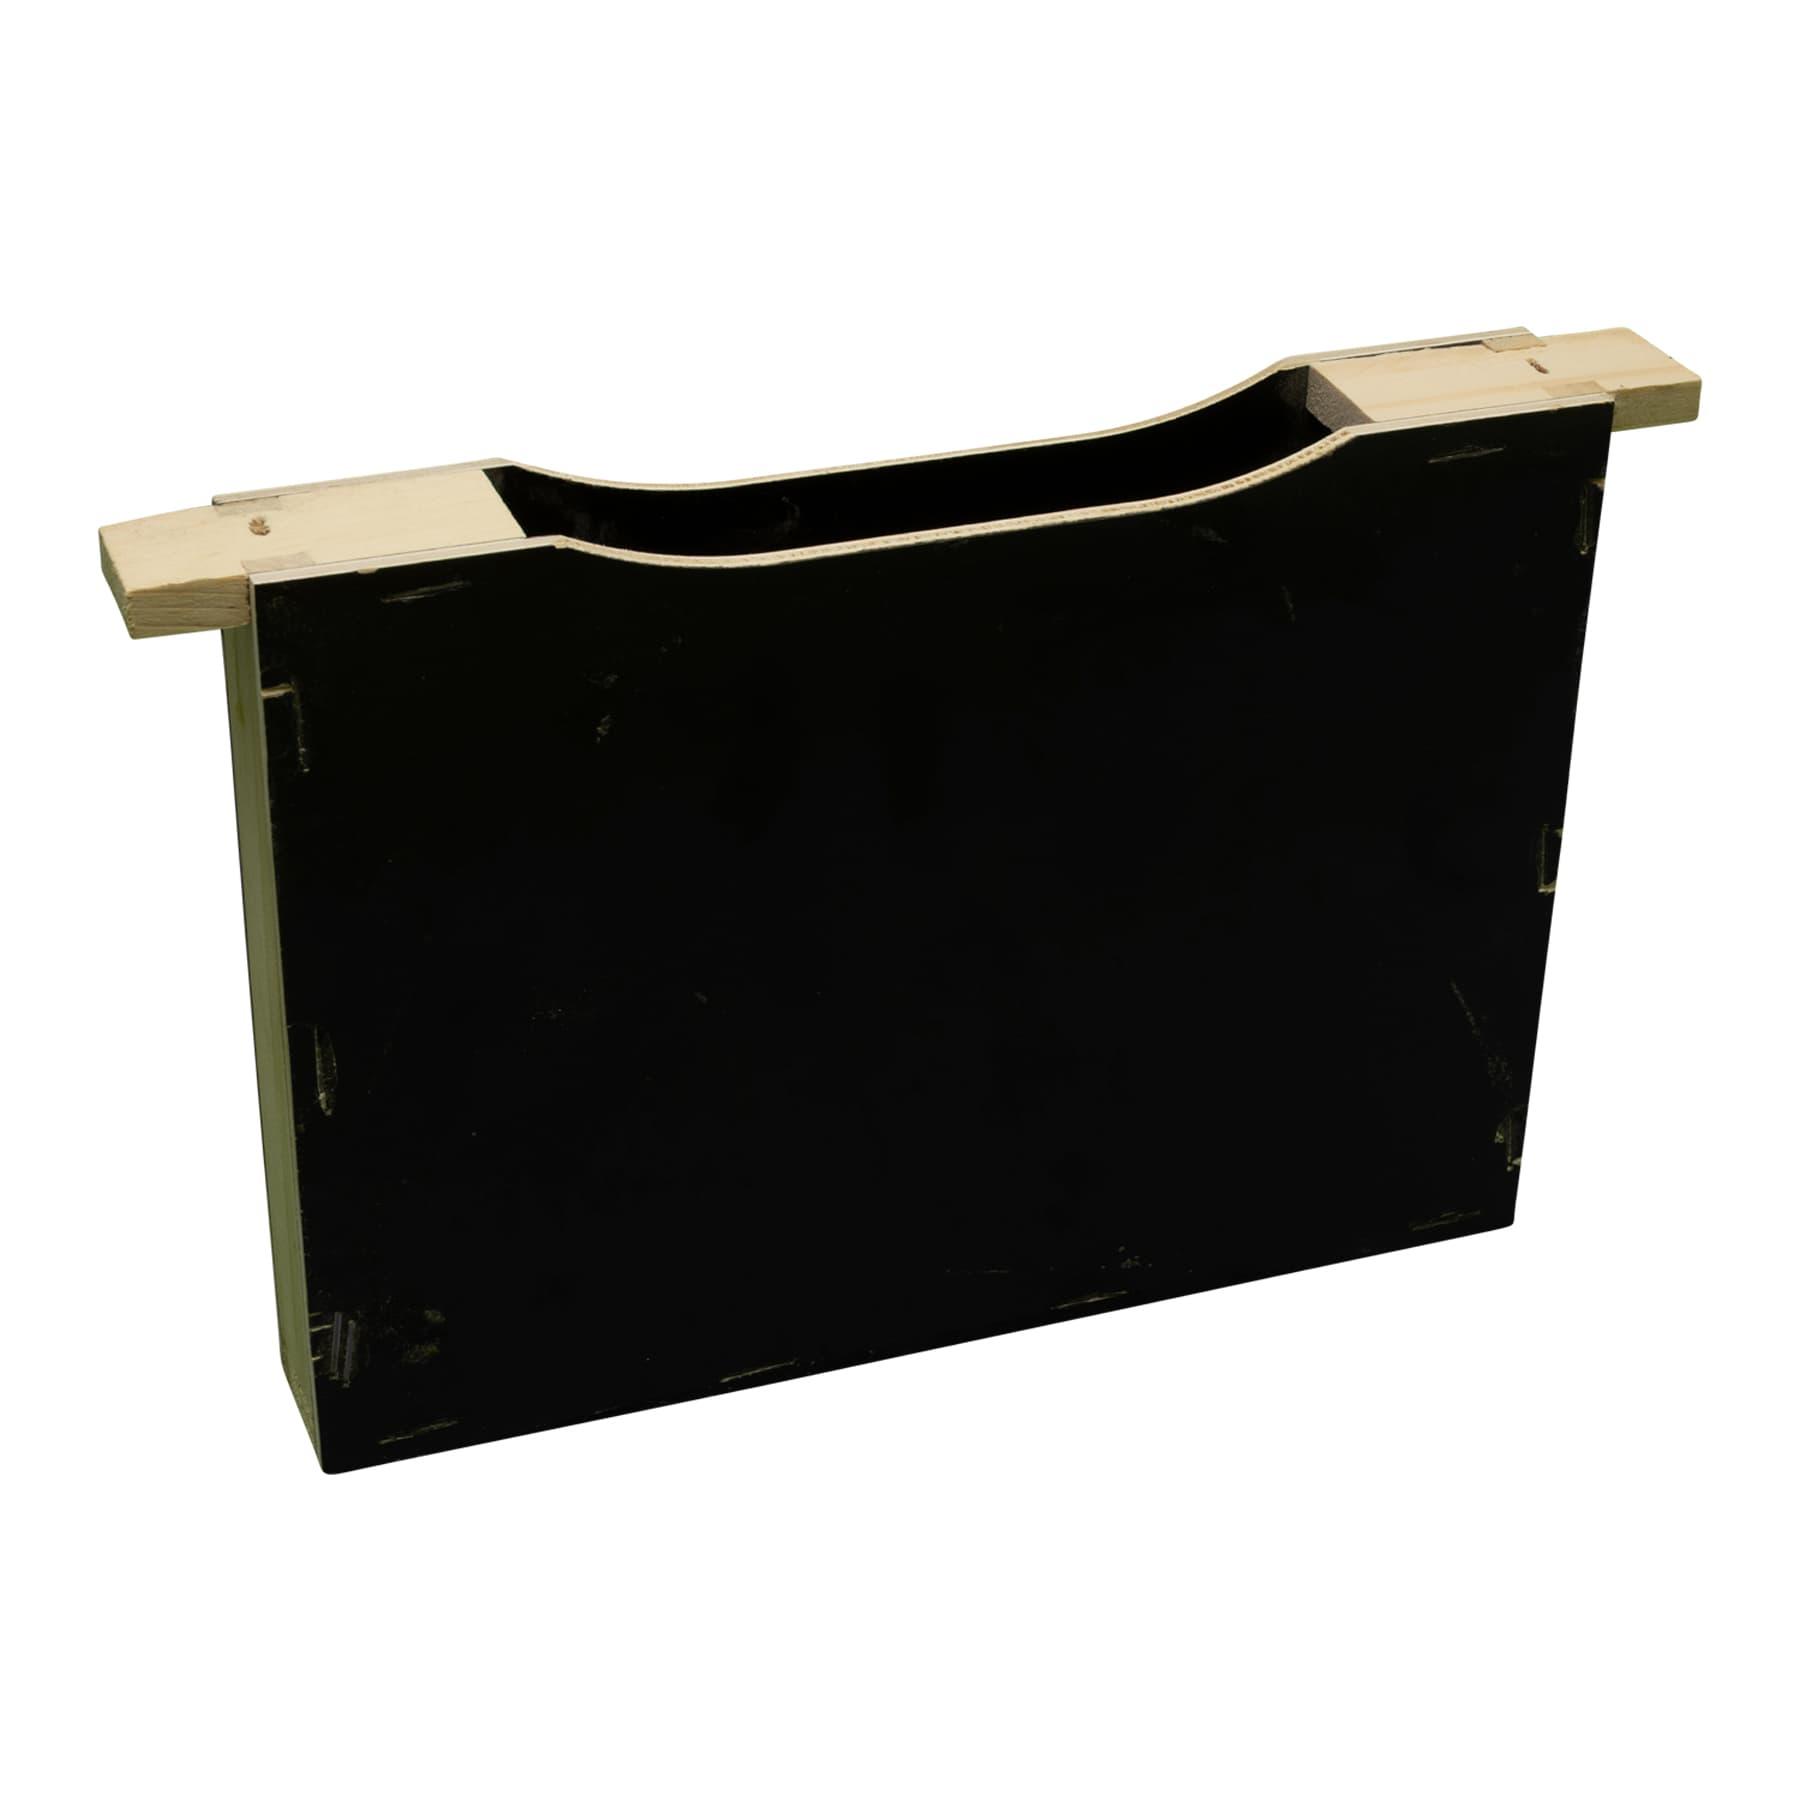 Futtertasche Mini Plus aus Weyhmuthkiefernholz und Betoplanplatten